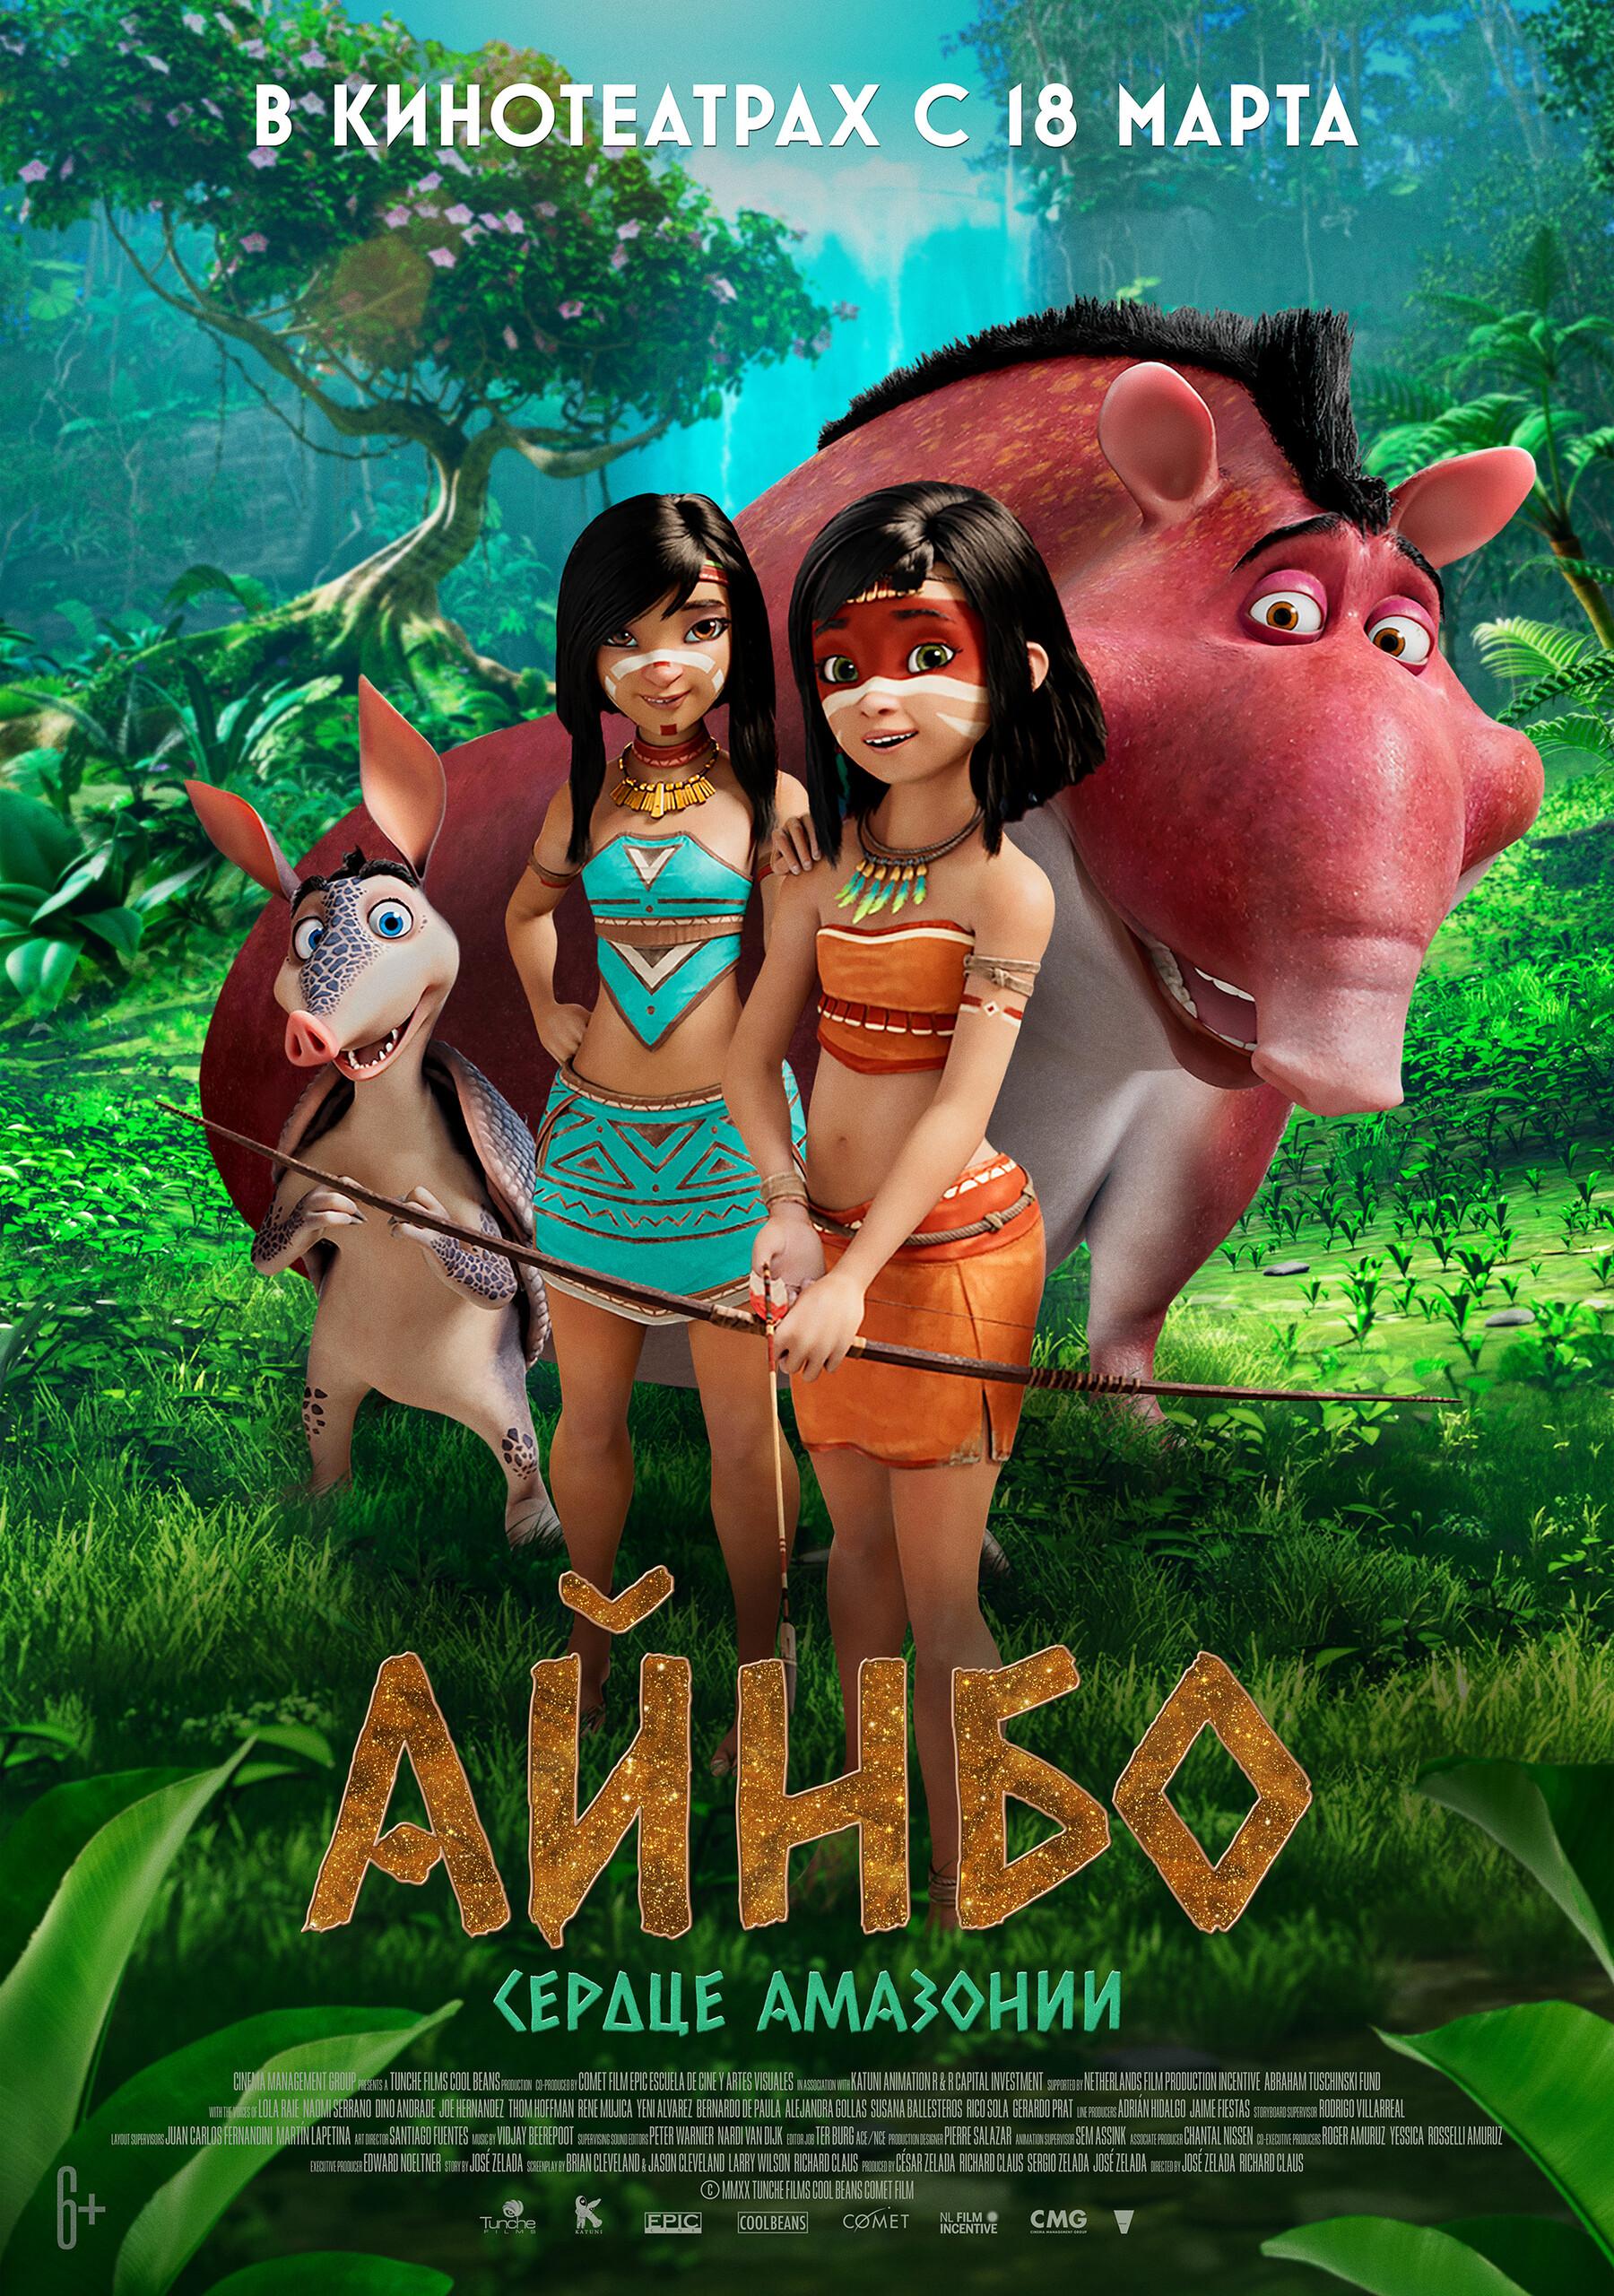 Айнбо. Сердце Амазонии, постер № 2